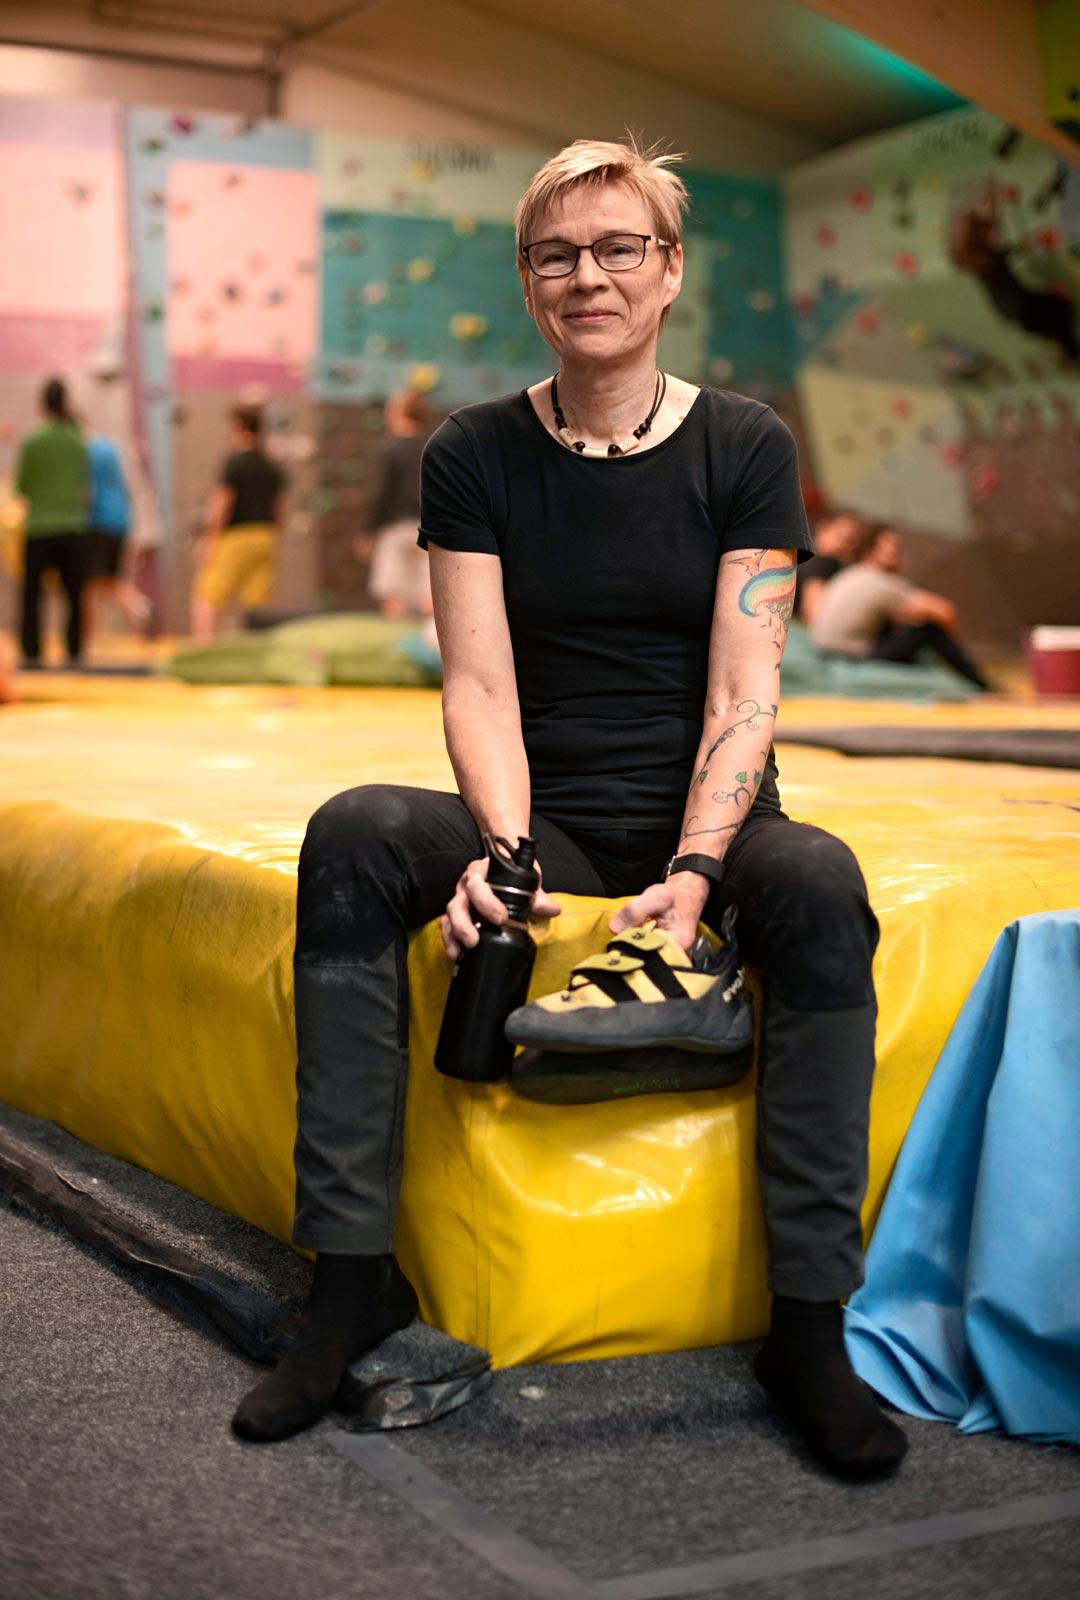 Eija Tuovila harrastaa myös juoksua ja käy kuntosalilla. Seinäkiipeily tukee hyvin muuta urheilua.